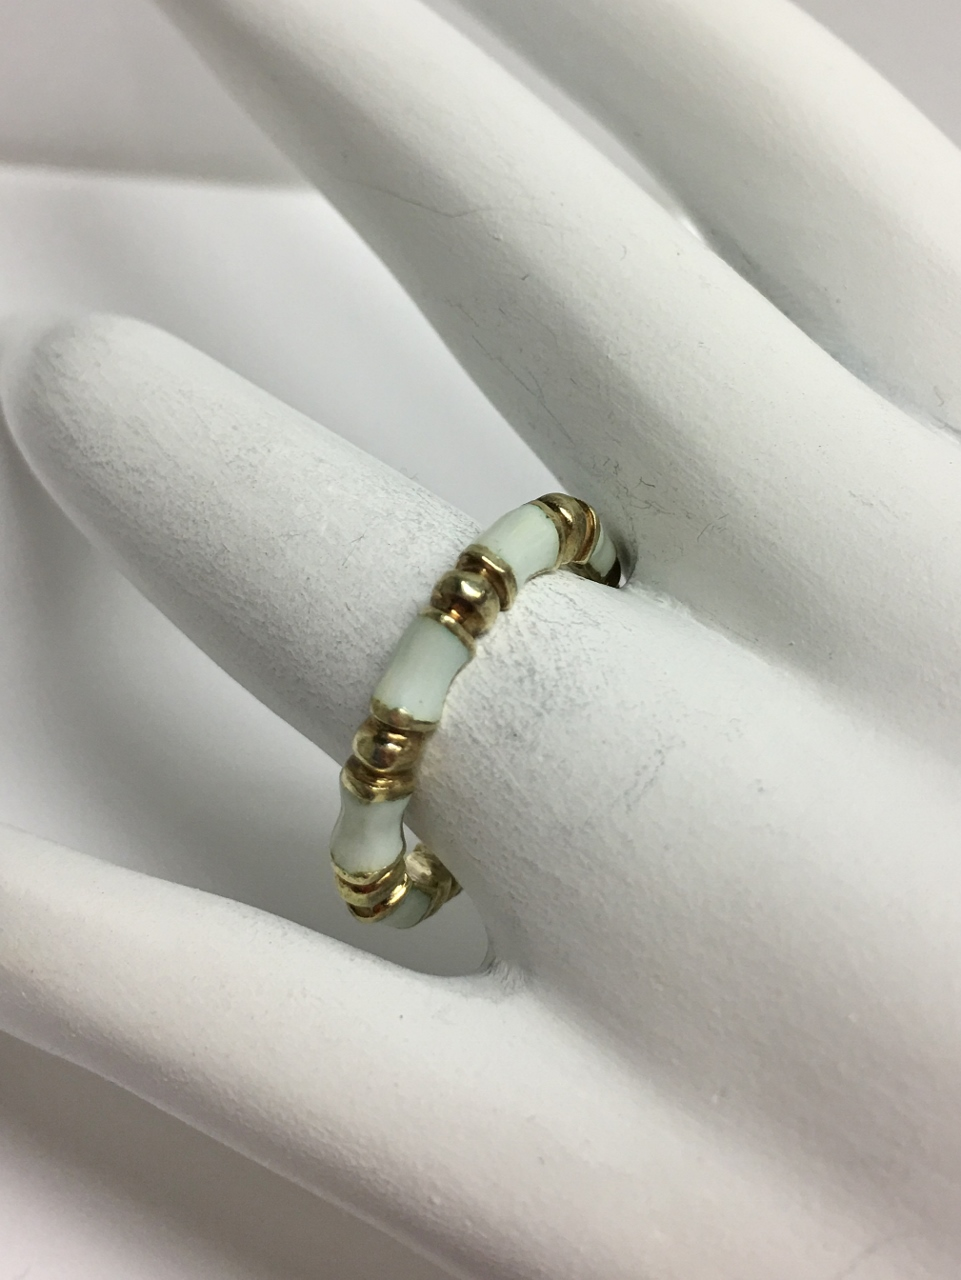 14K Yellow Gold Enamel Stacking Ring